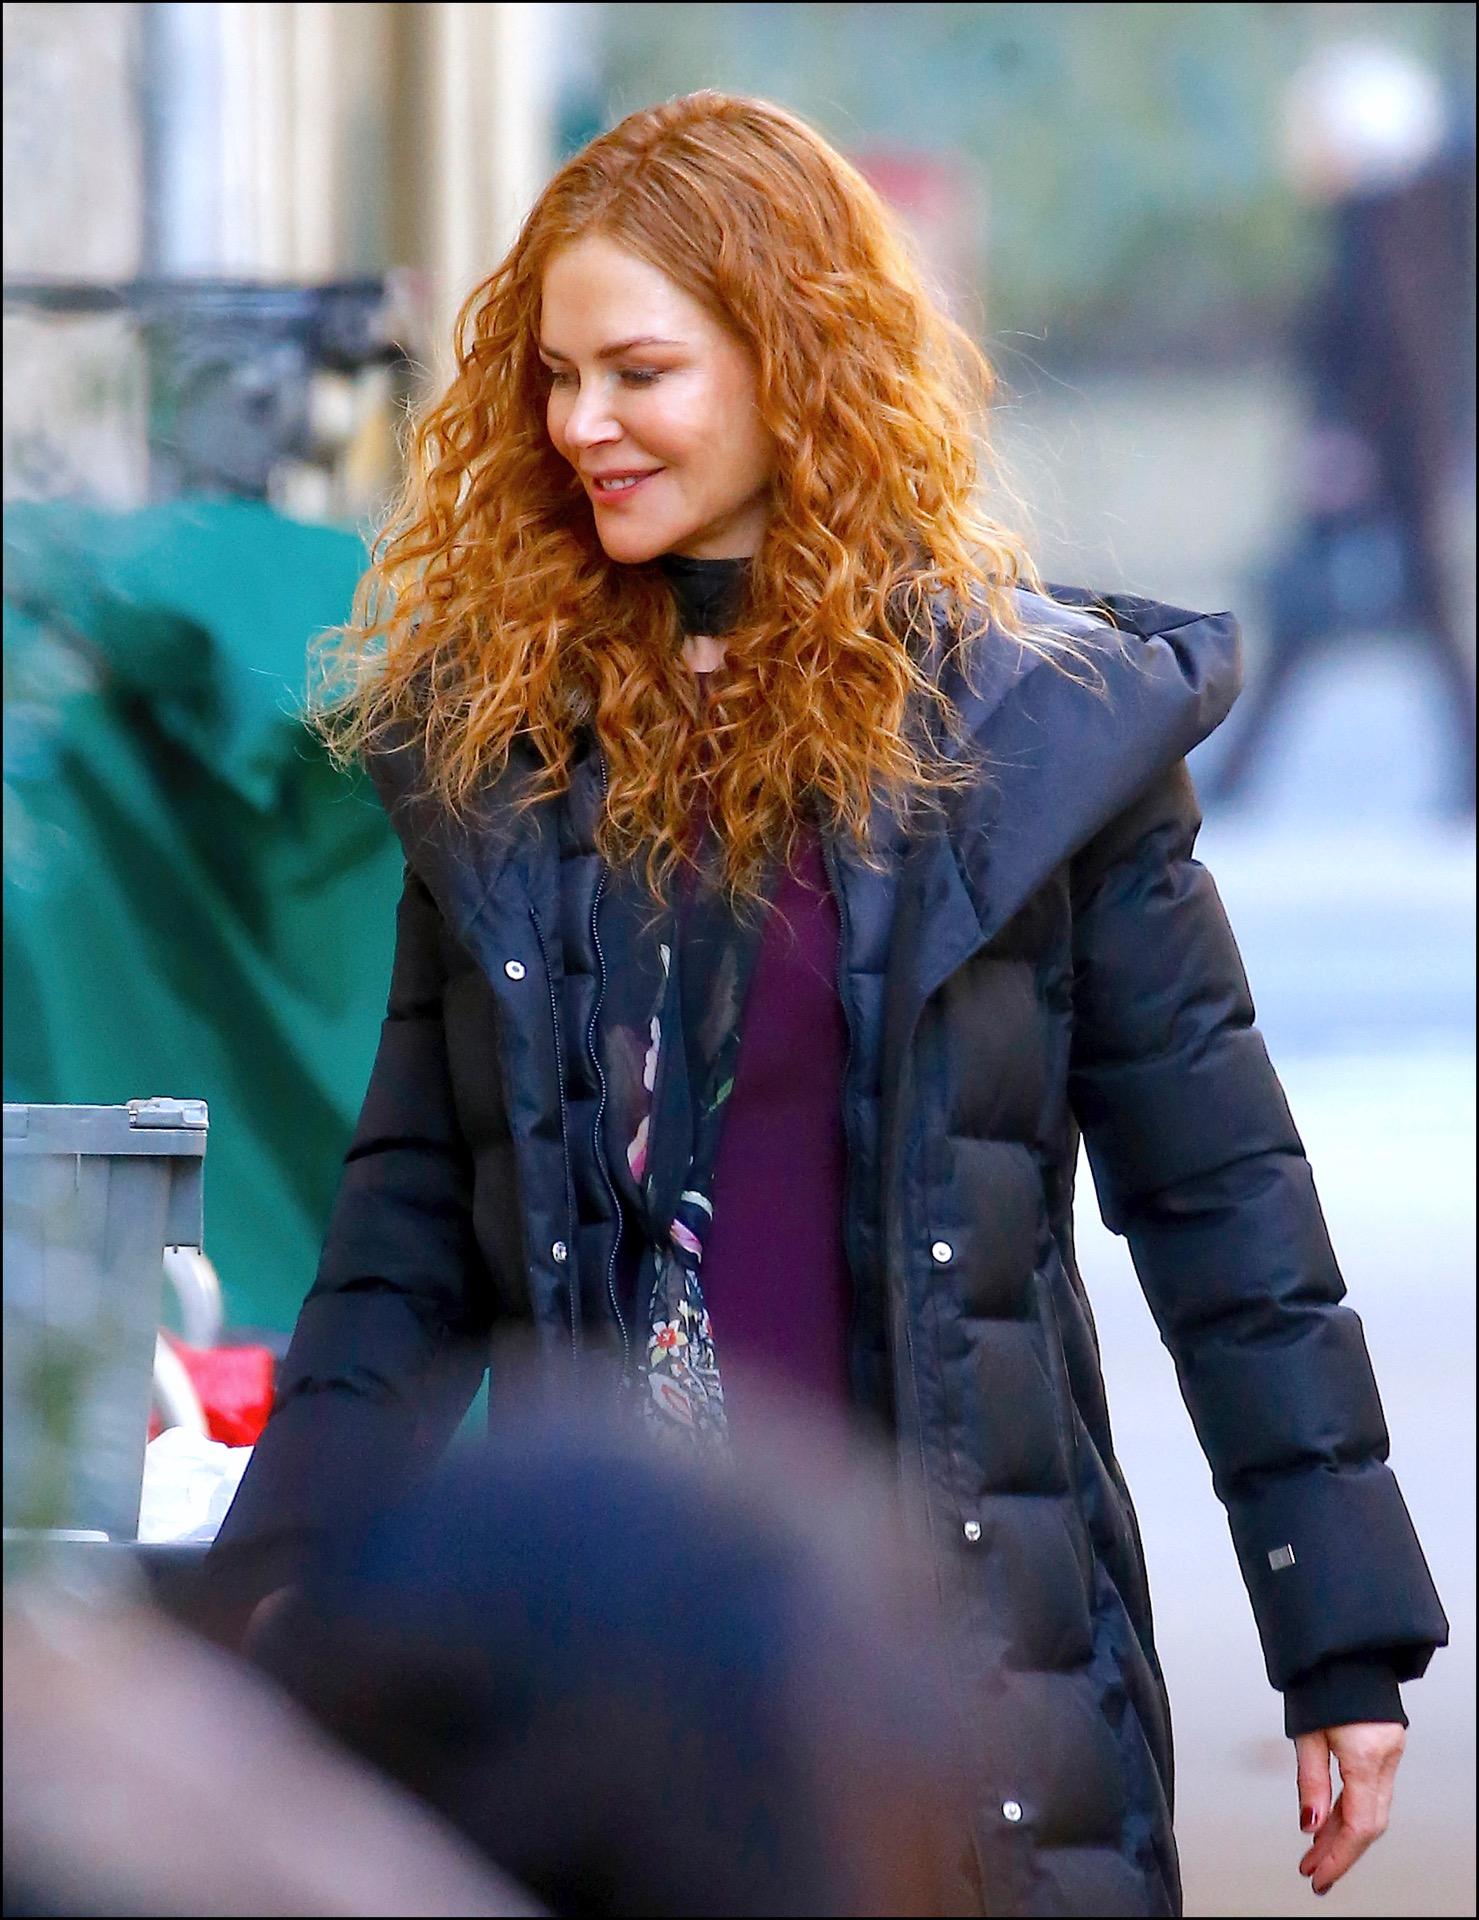 Treinta años después, Nicole Kidman vuelve a su mítico look de rizos colorados.